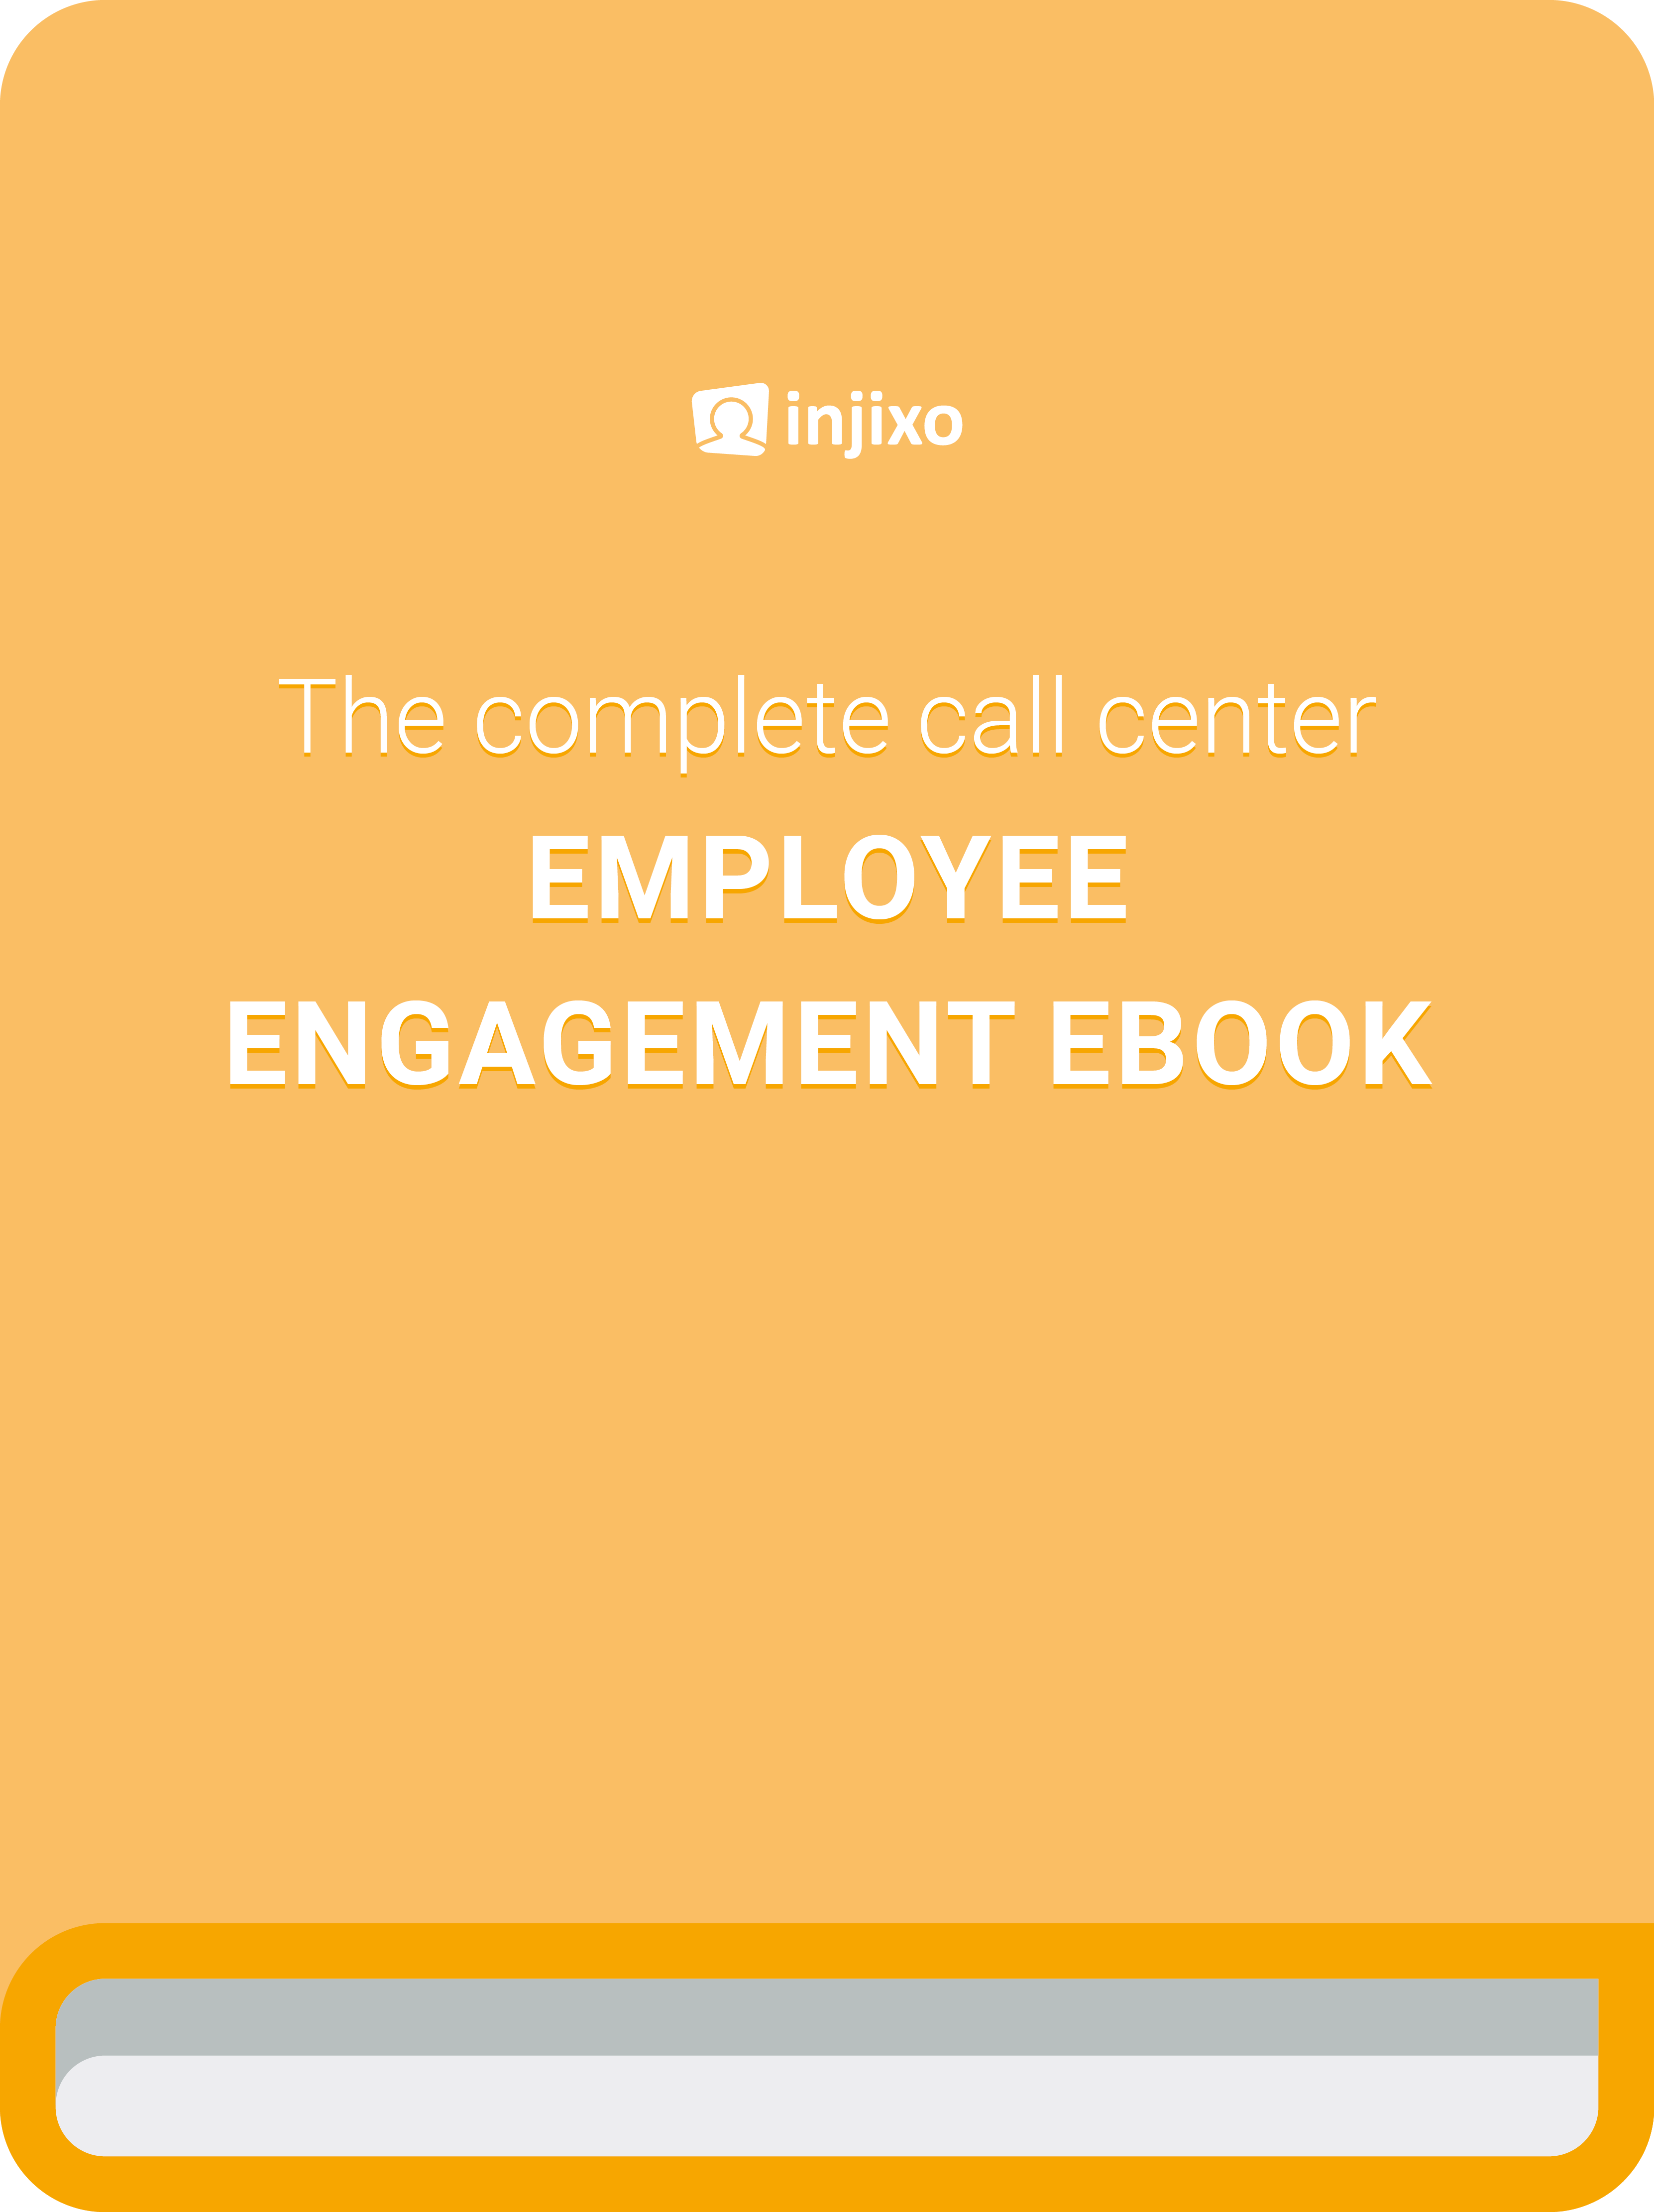 injixo - call center employee engagement